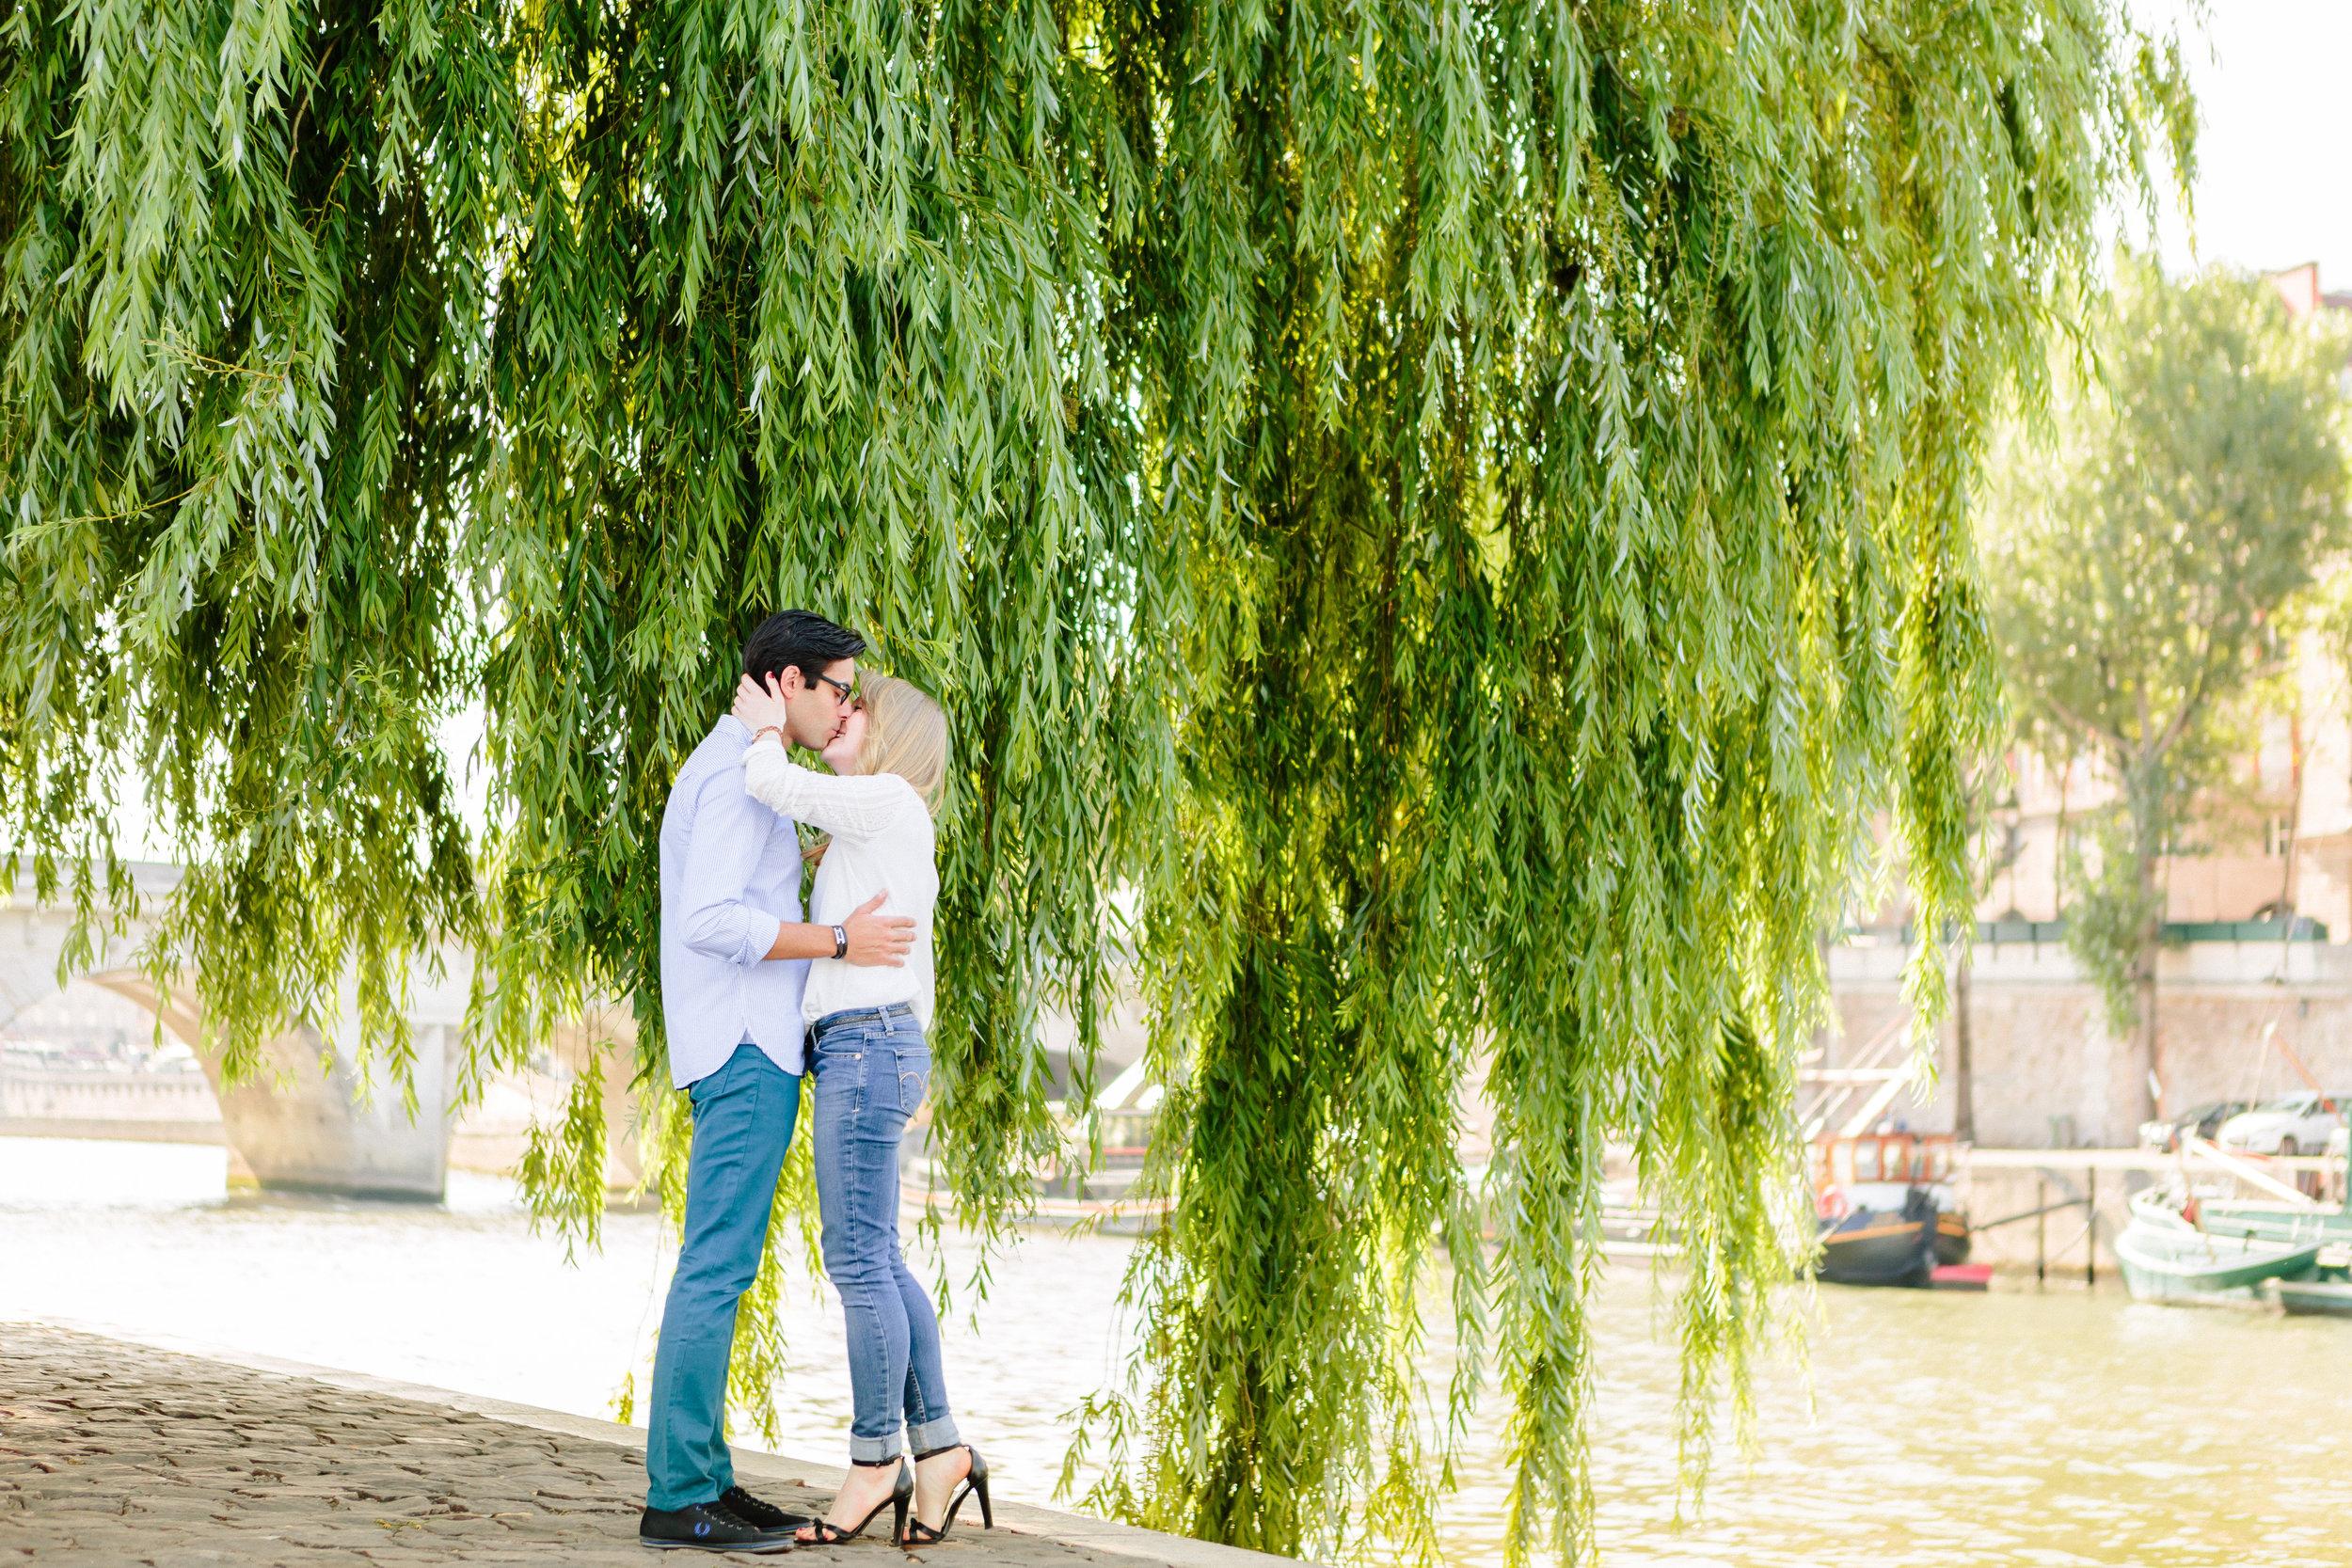 paris photographer couple session by a tree at ile de la cite by the seine river